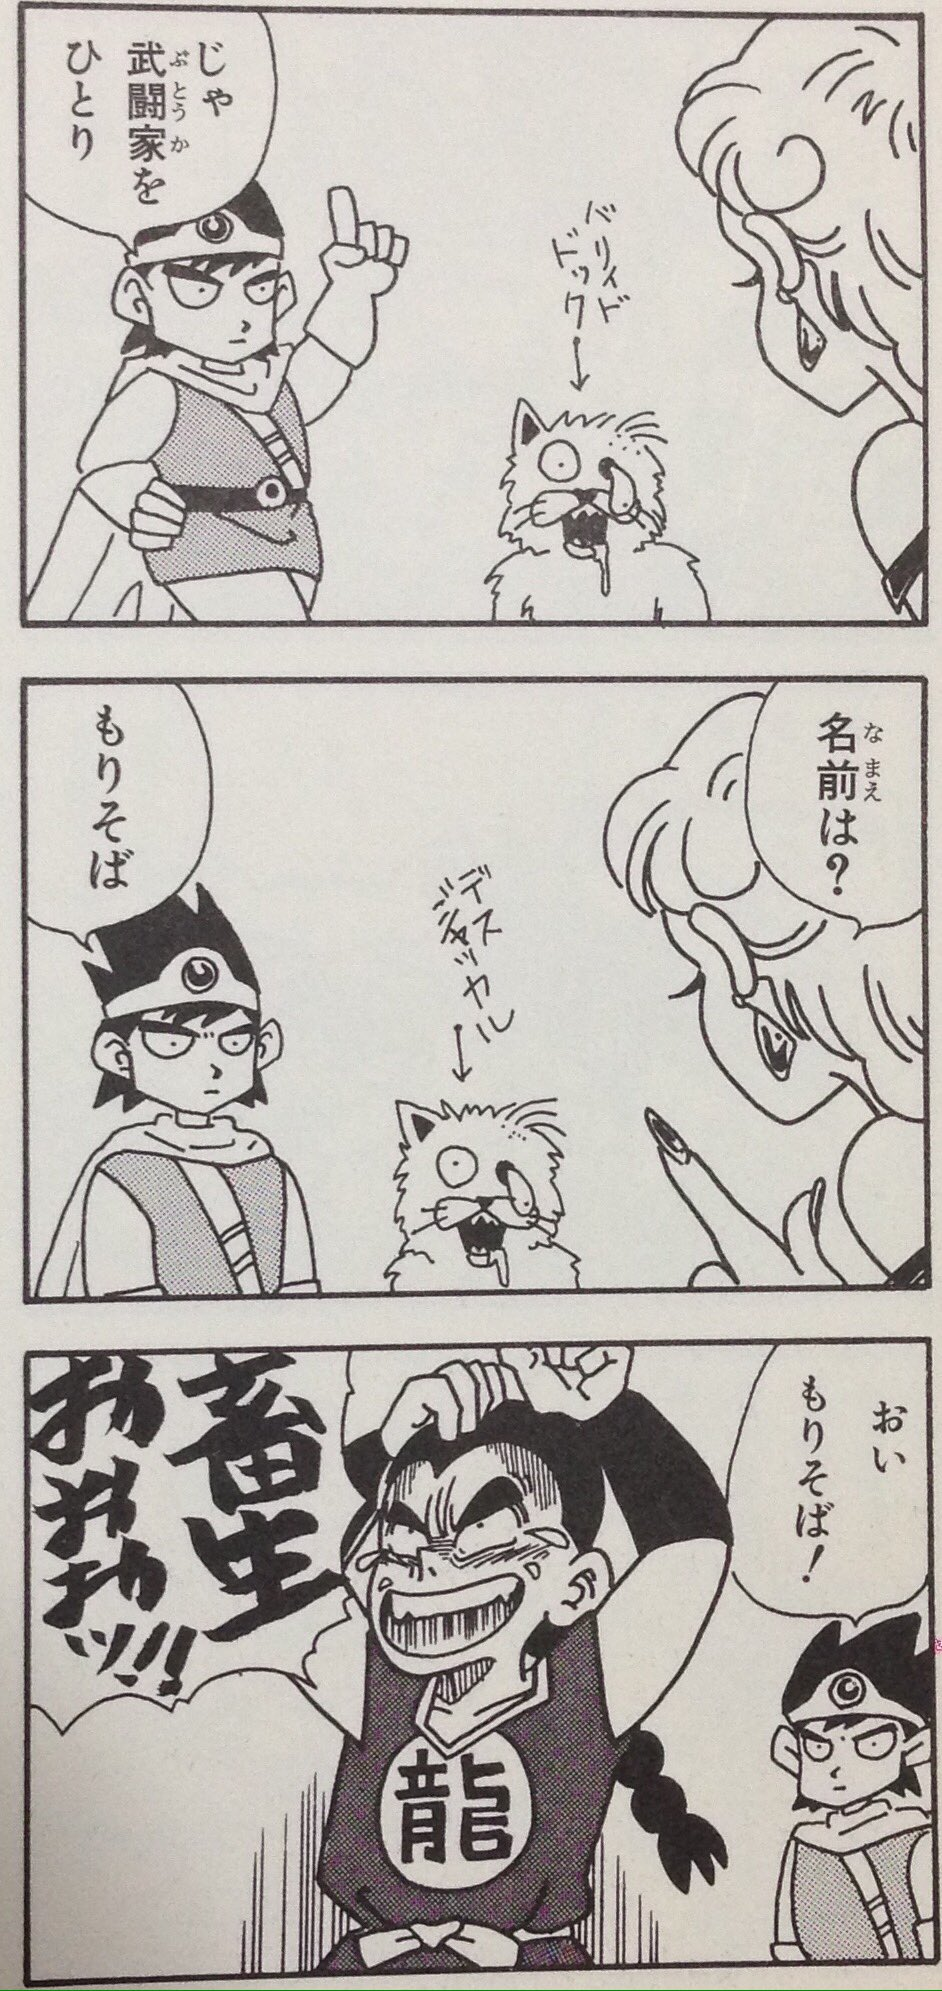 漫画 柴田 家 亜美